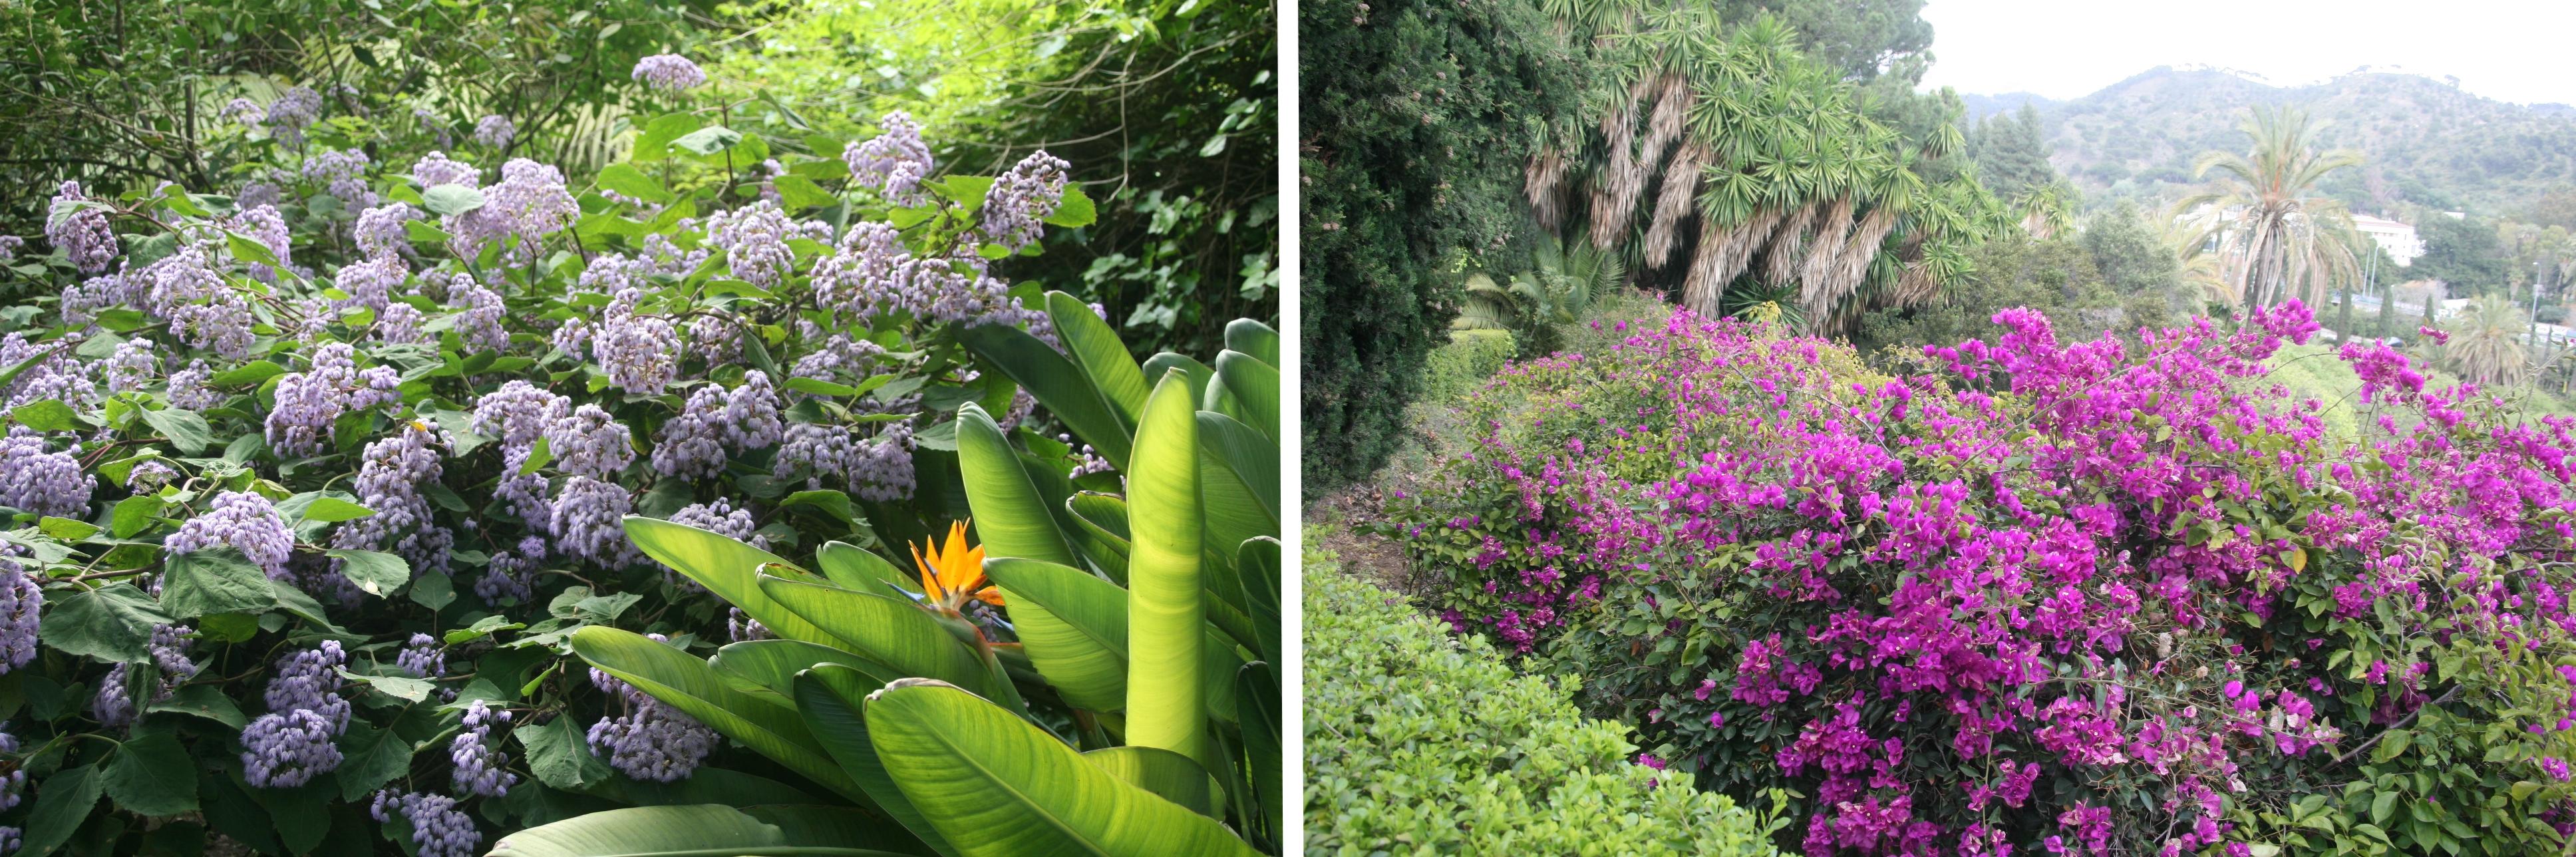 Une variété de plantes méditerranéennes - © J.-F. Coffin